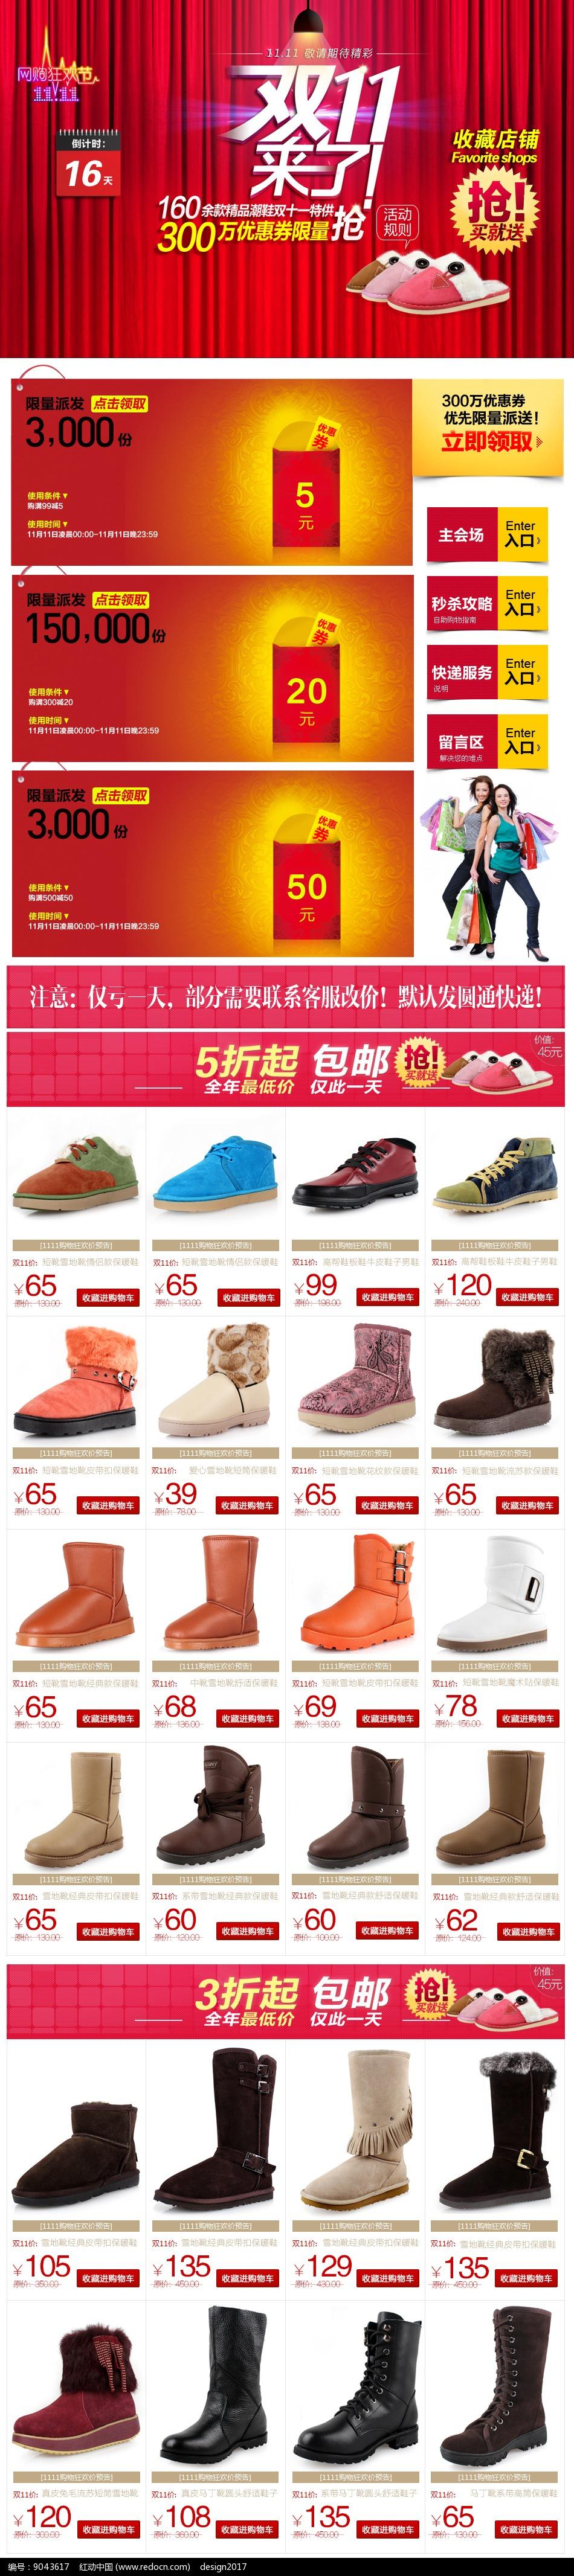 双十一鞋类促销网页PSD图片